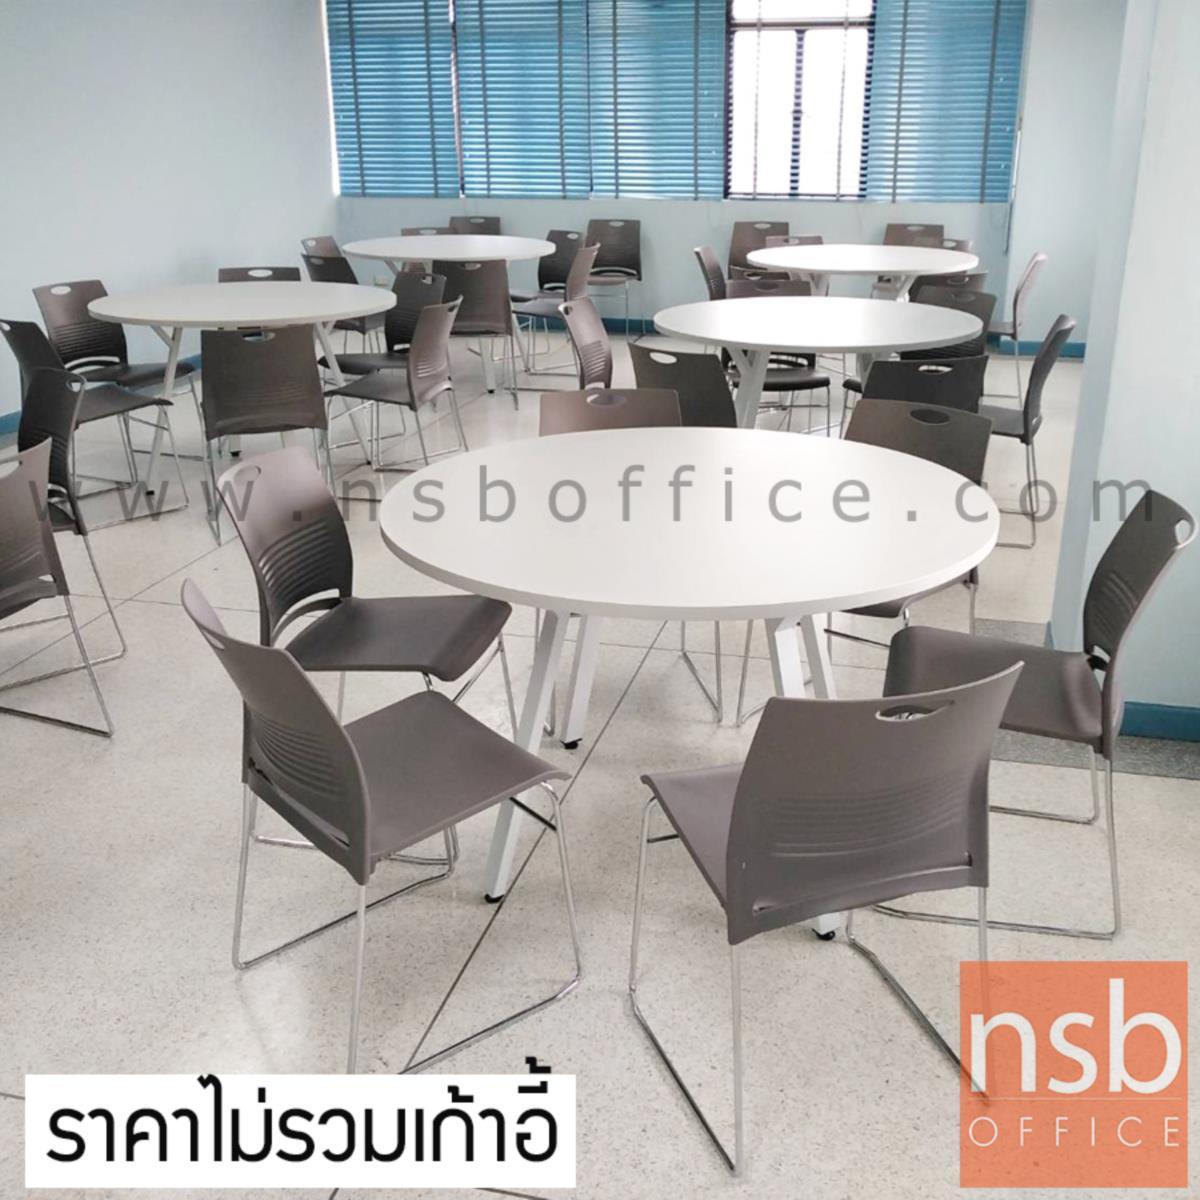 A25A007:โต๊ะประชุมทรงวงกลม  ขนาด 90Di ,120Di1 ,150Di cm.  ขาเหล็กกล่องทำสี